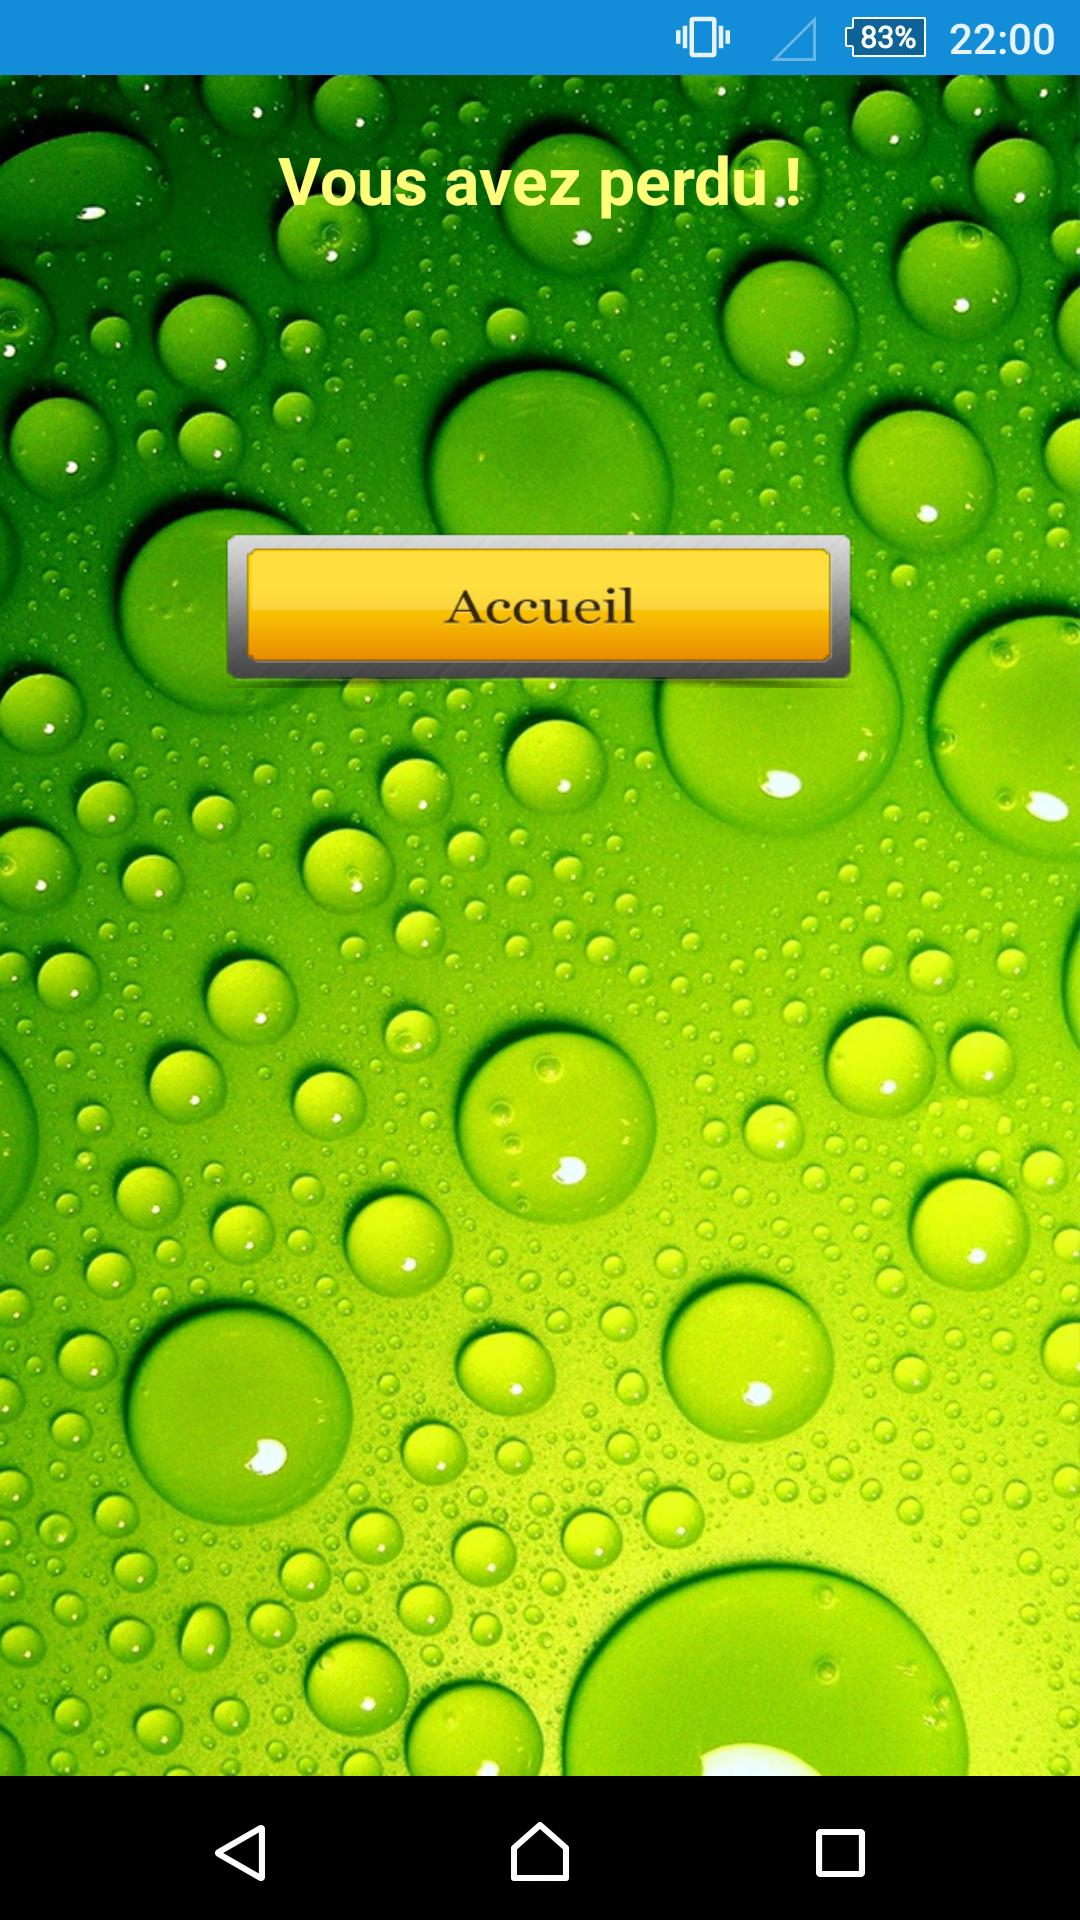 Les 5 Différences À Trouver For Android - Apk Download concernant Les 5 Differences